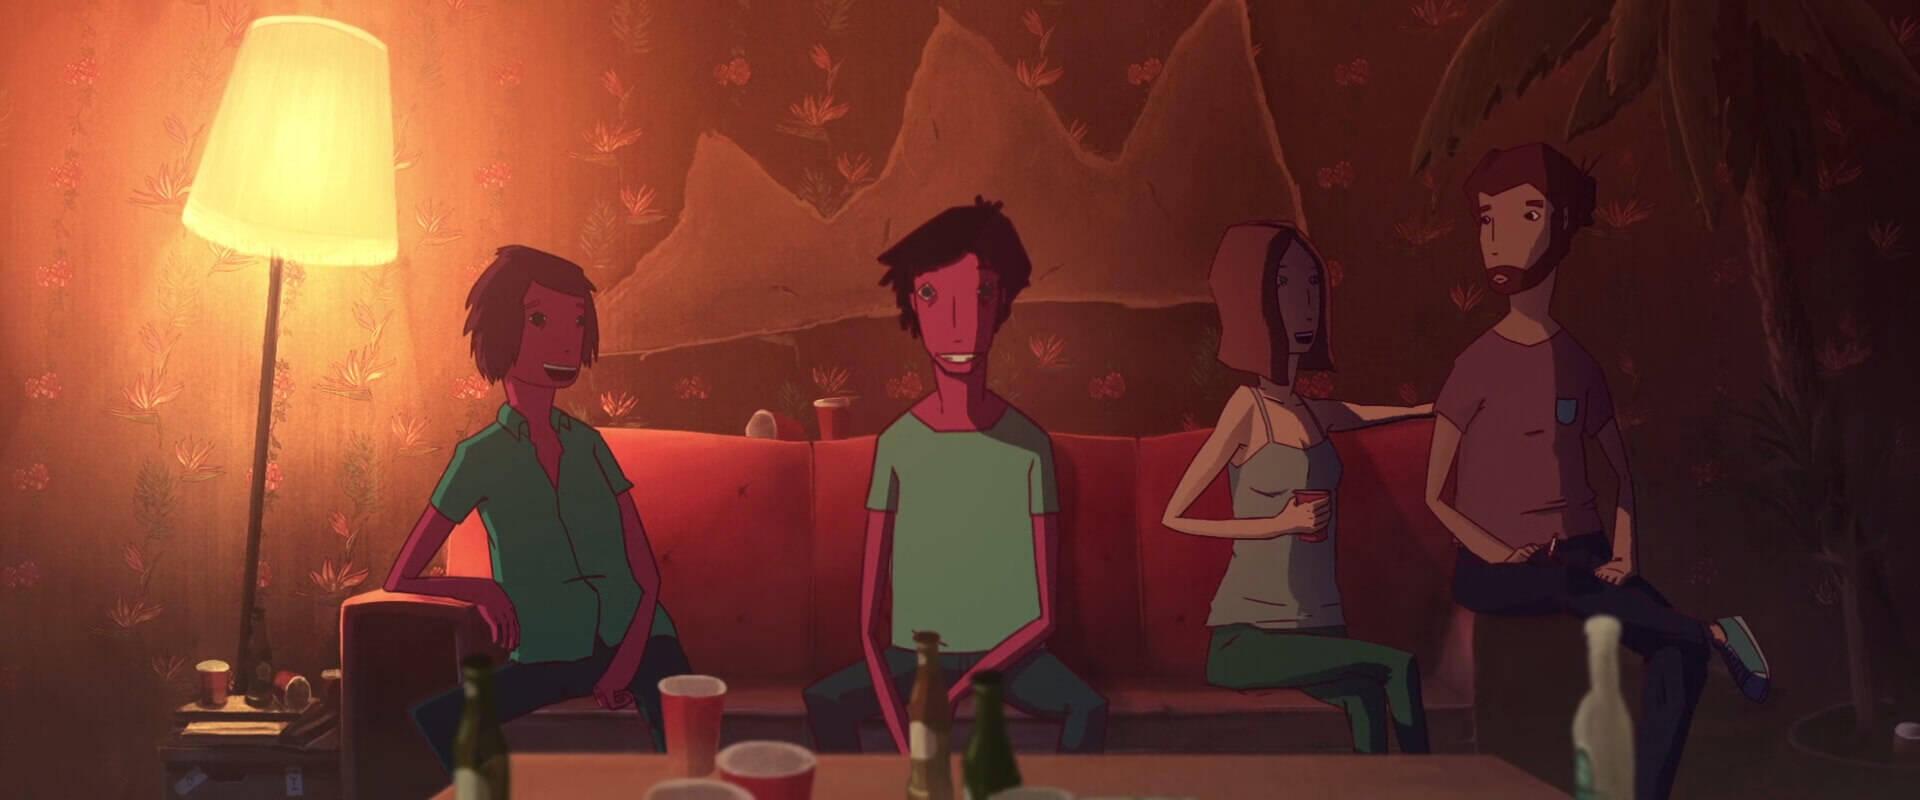 ヤバイ薬で見える世界をアニメーションで表現